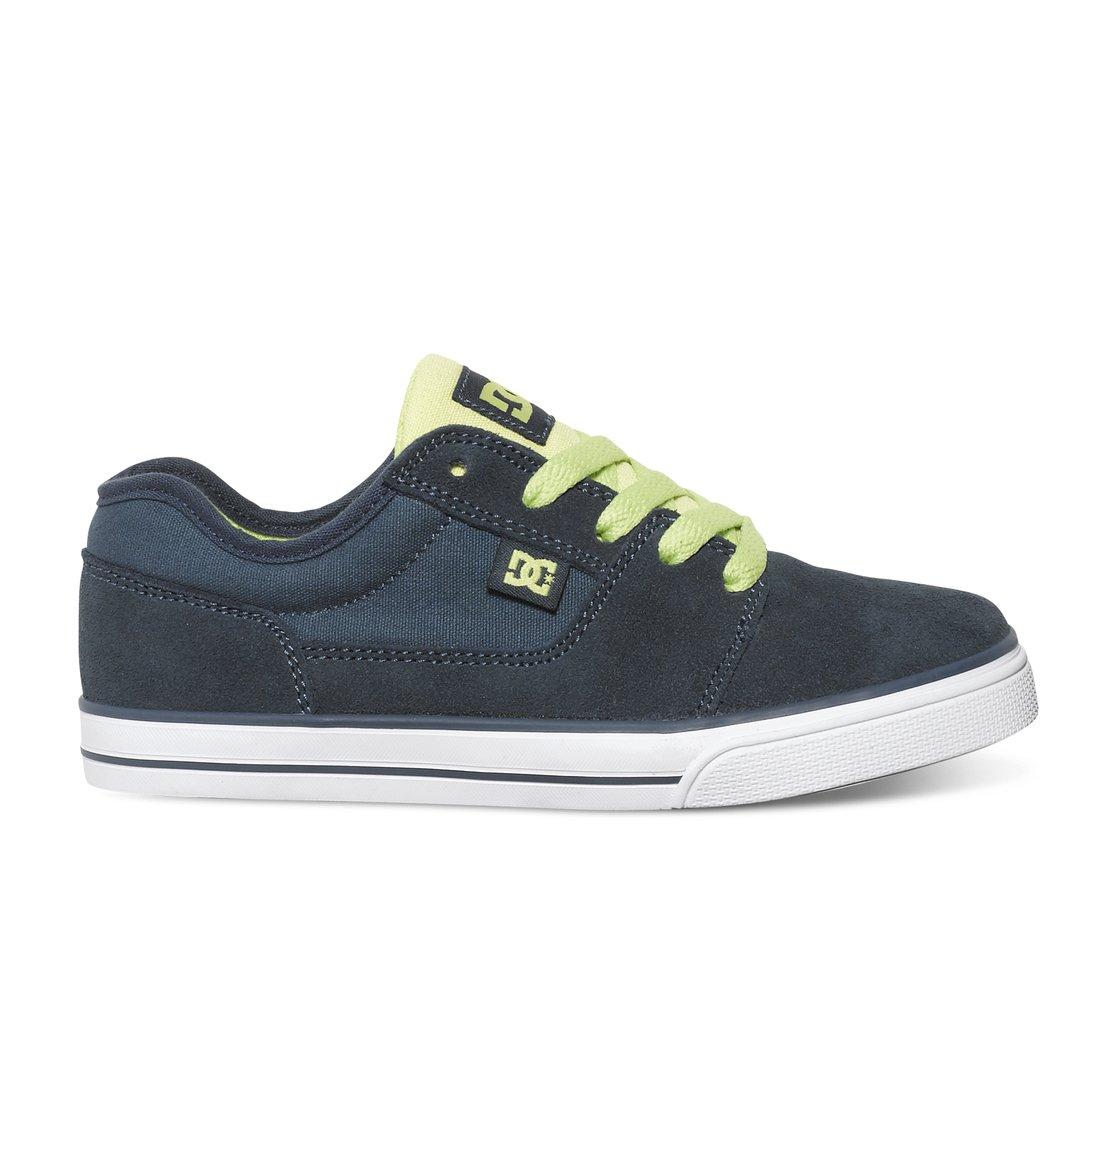 Chaussures de tennis Dc Shoes Tonik KqDPyX1